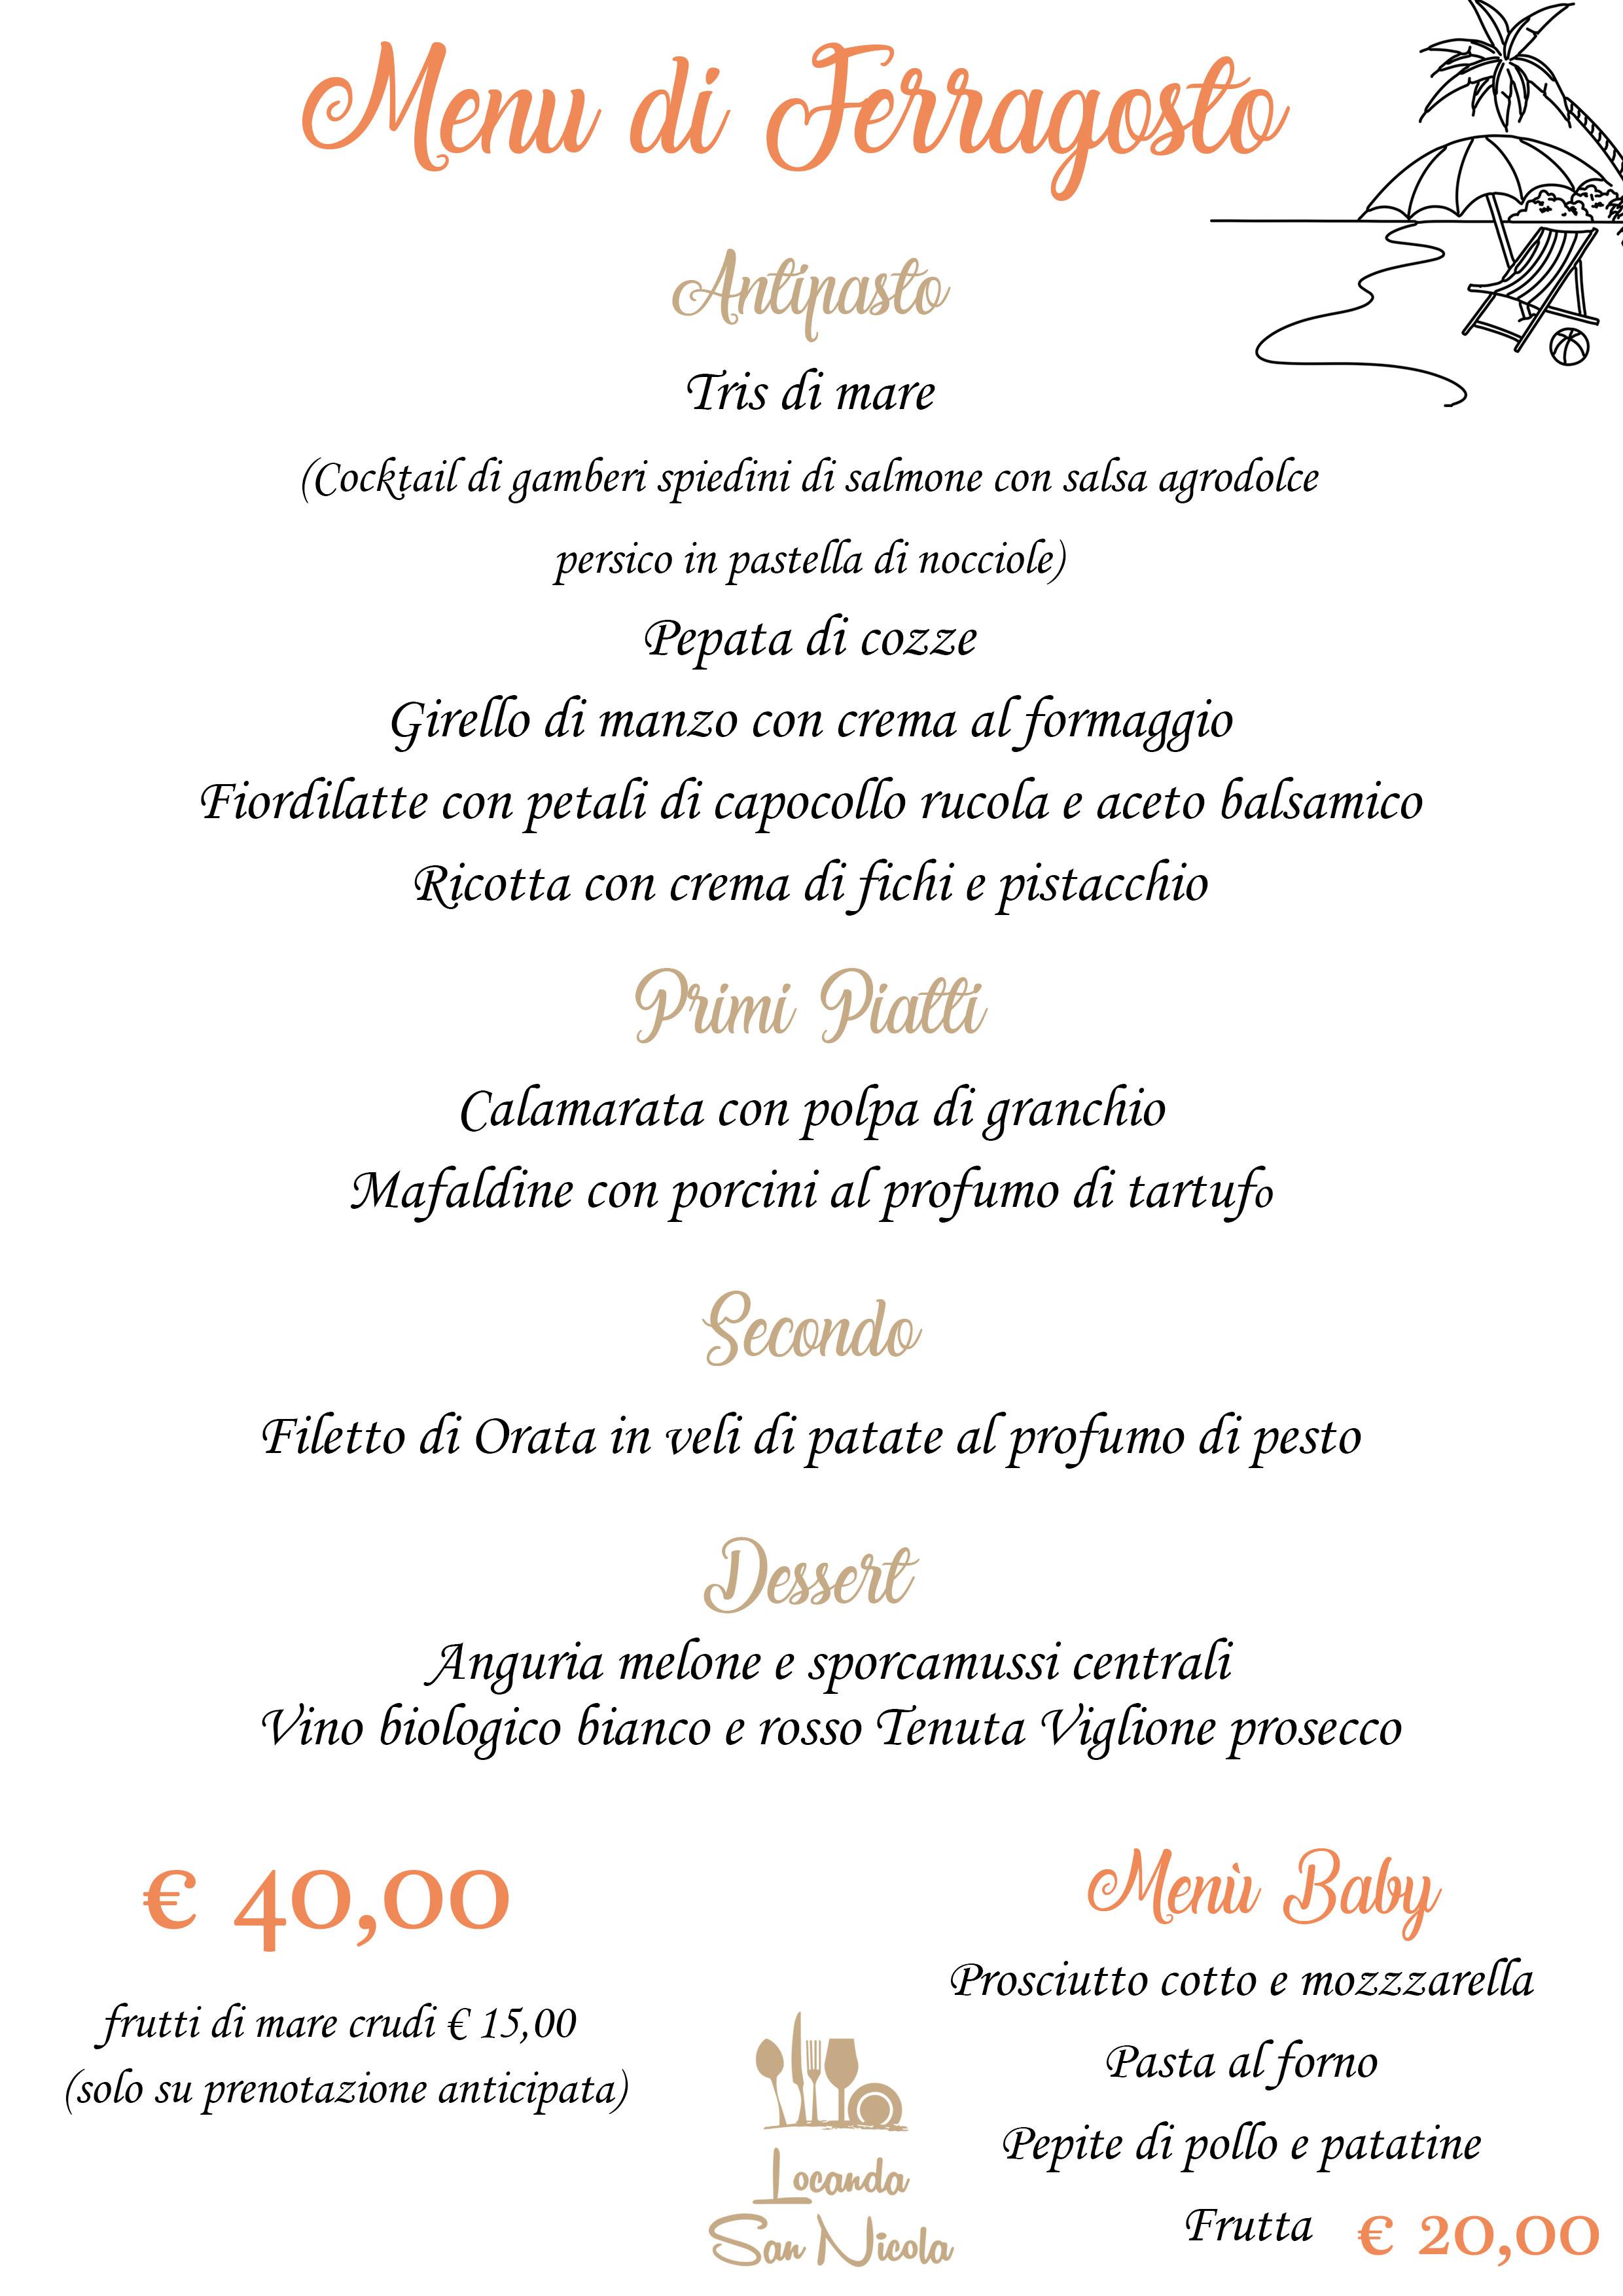 menu-ferragosto-2